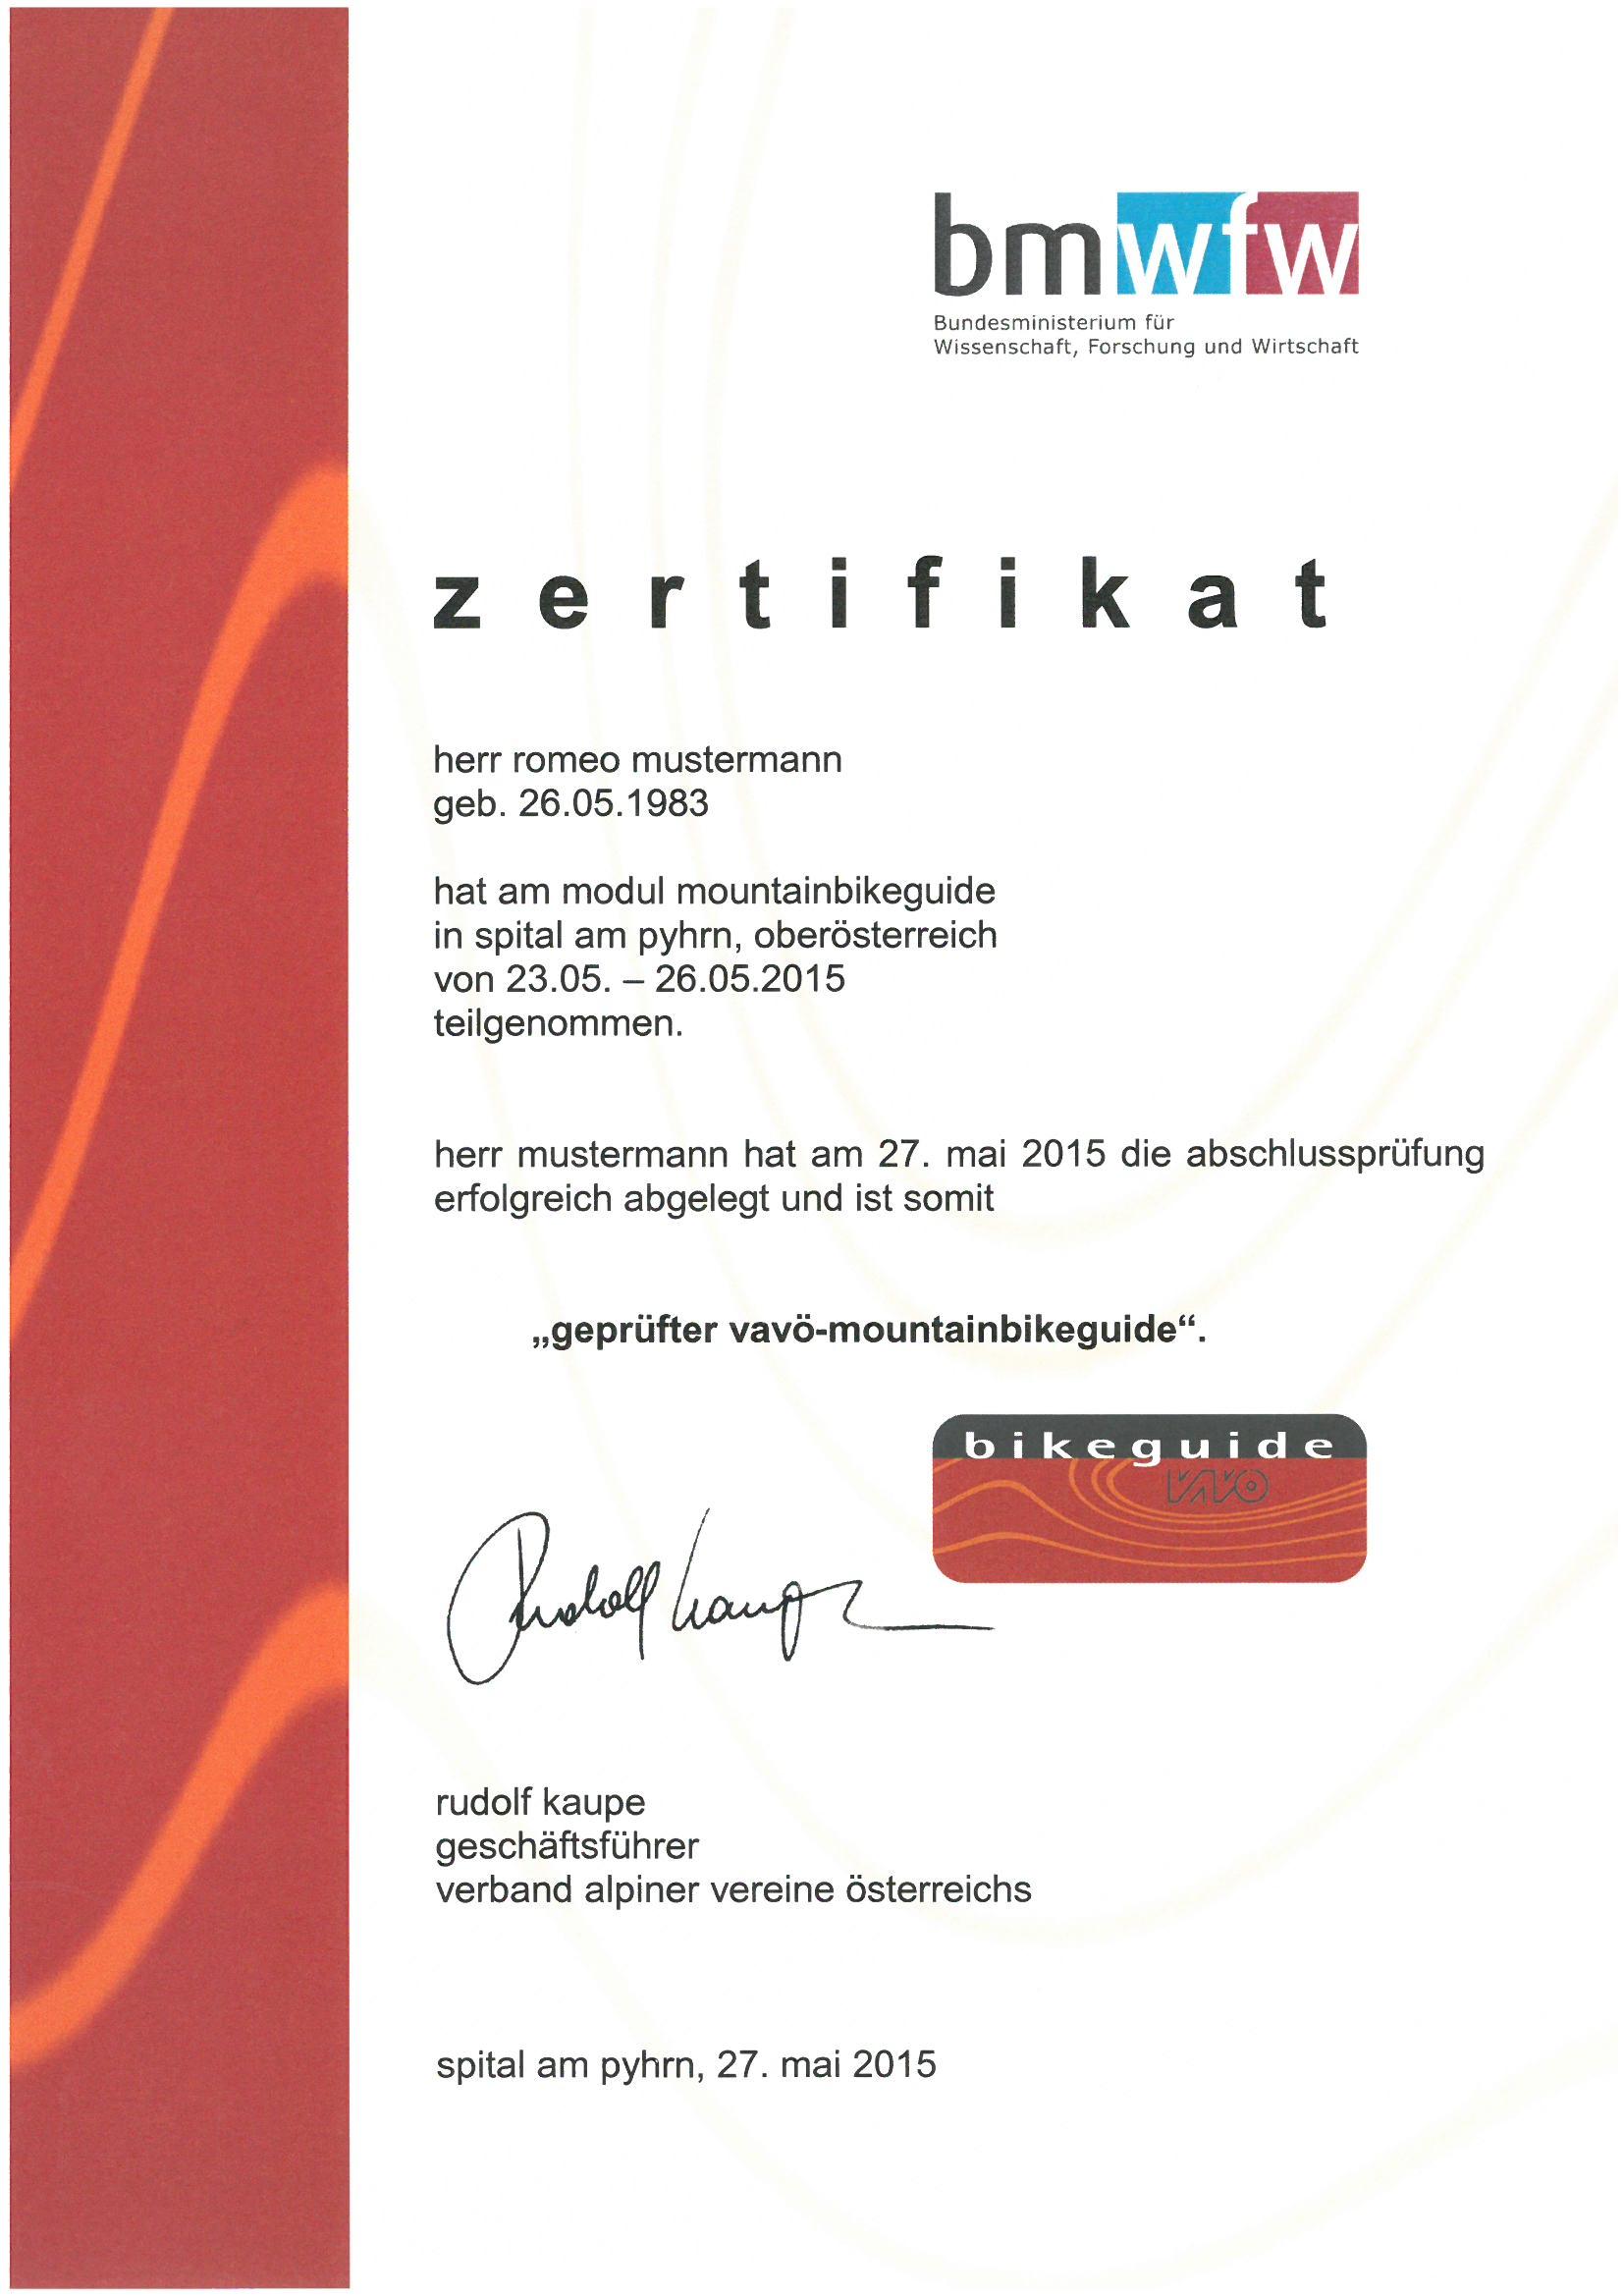 Zertifikat für den Bikeguide